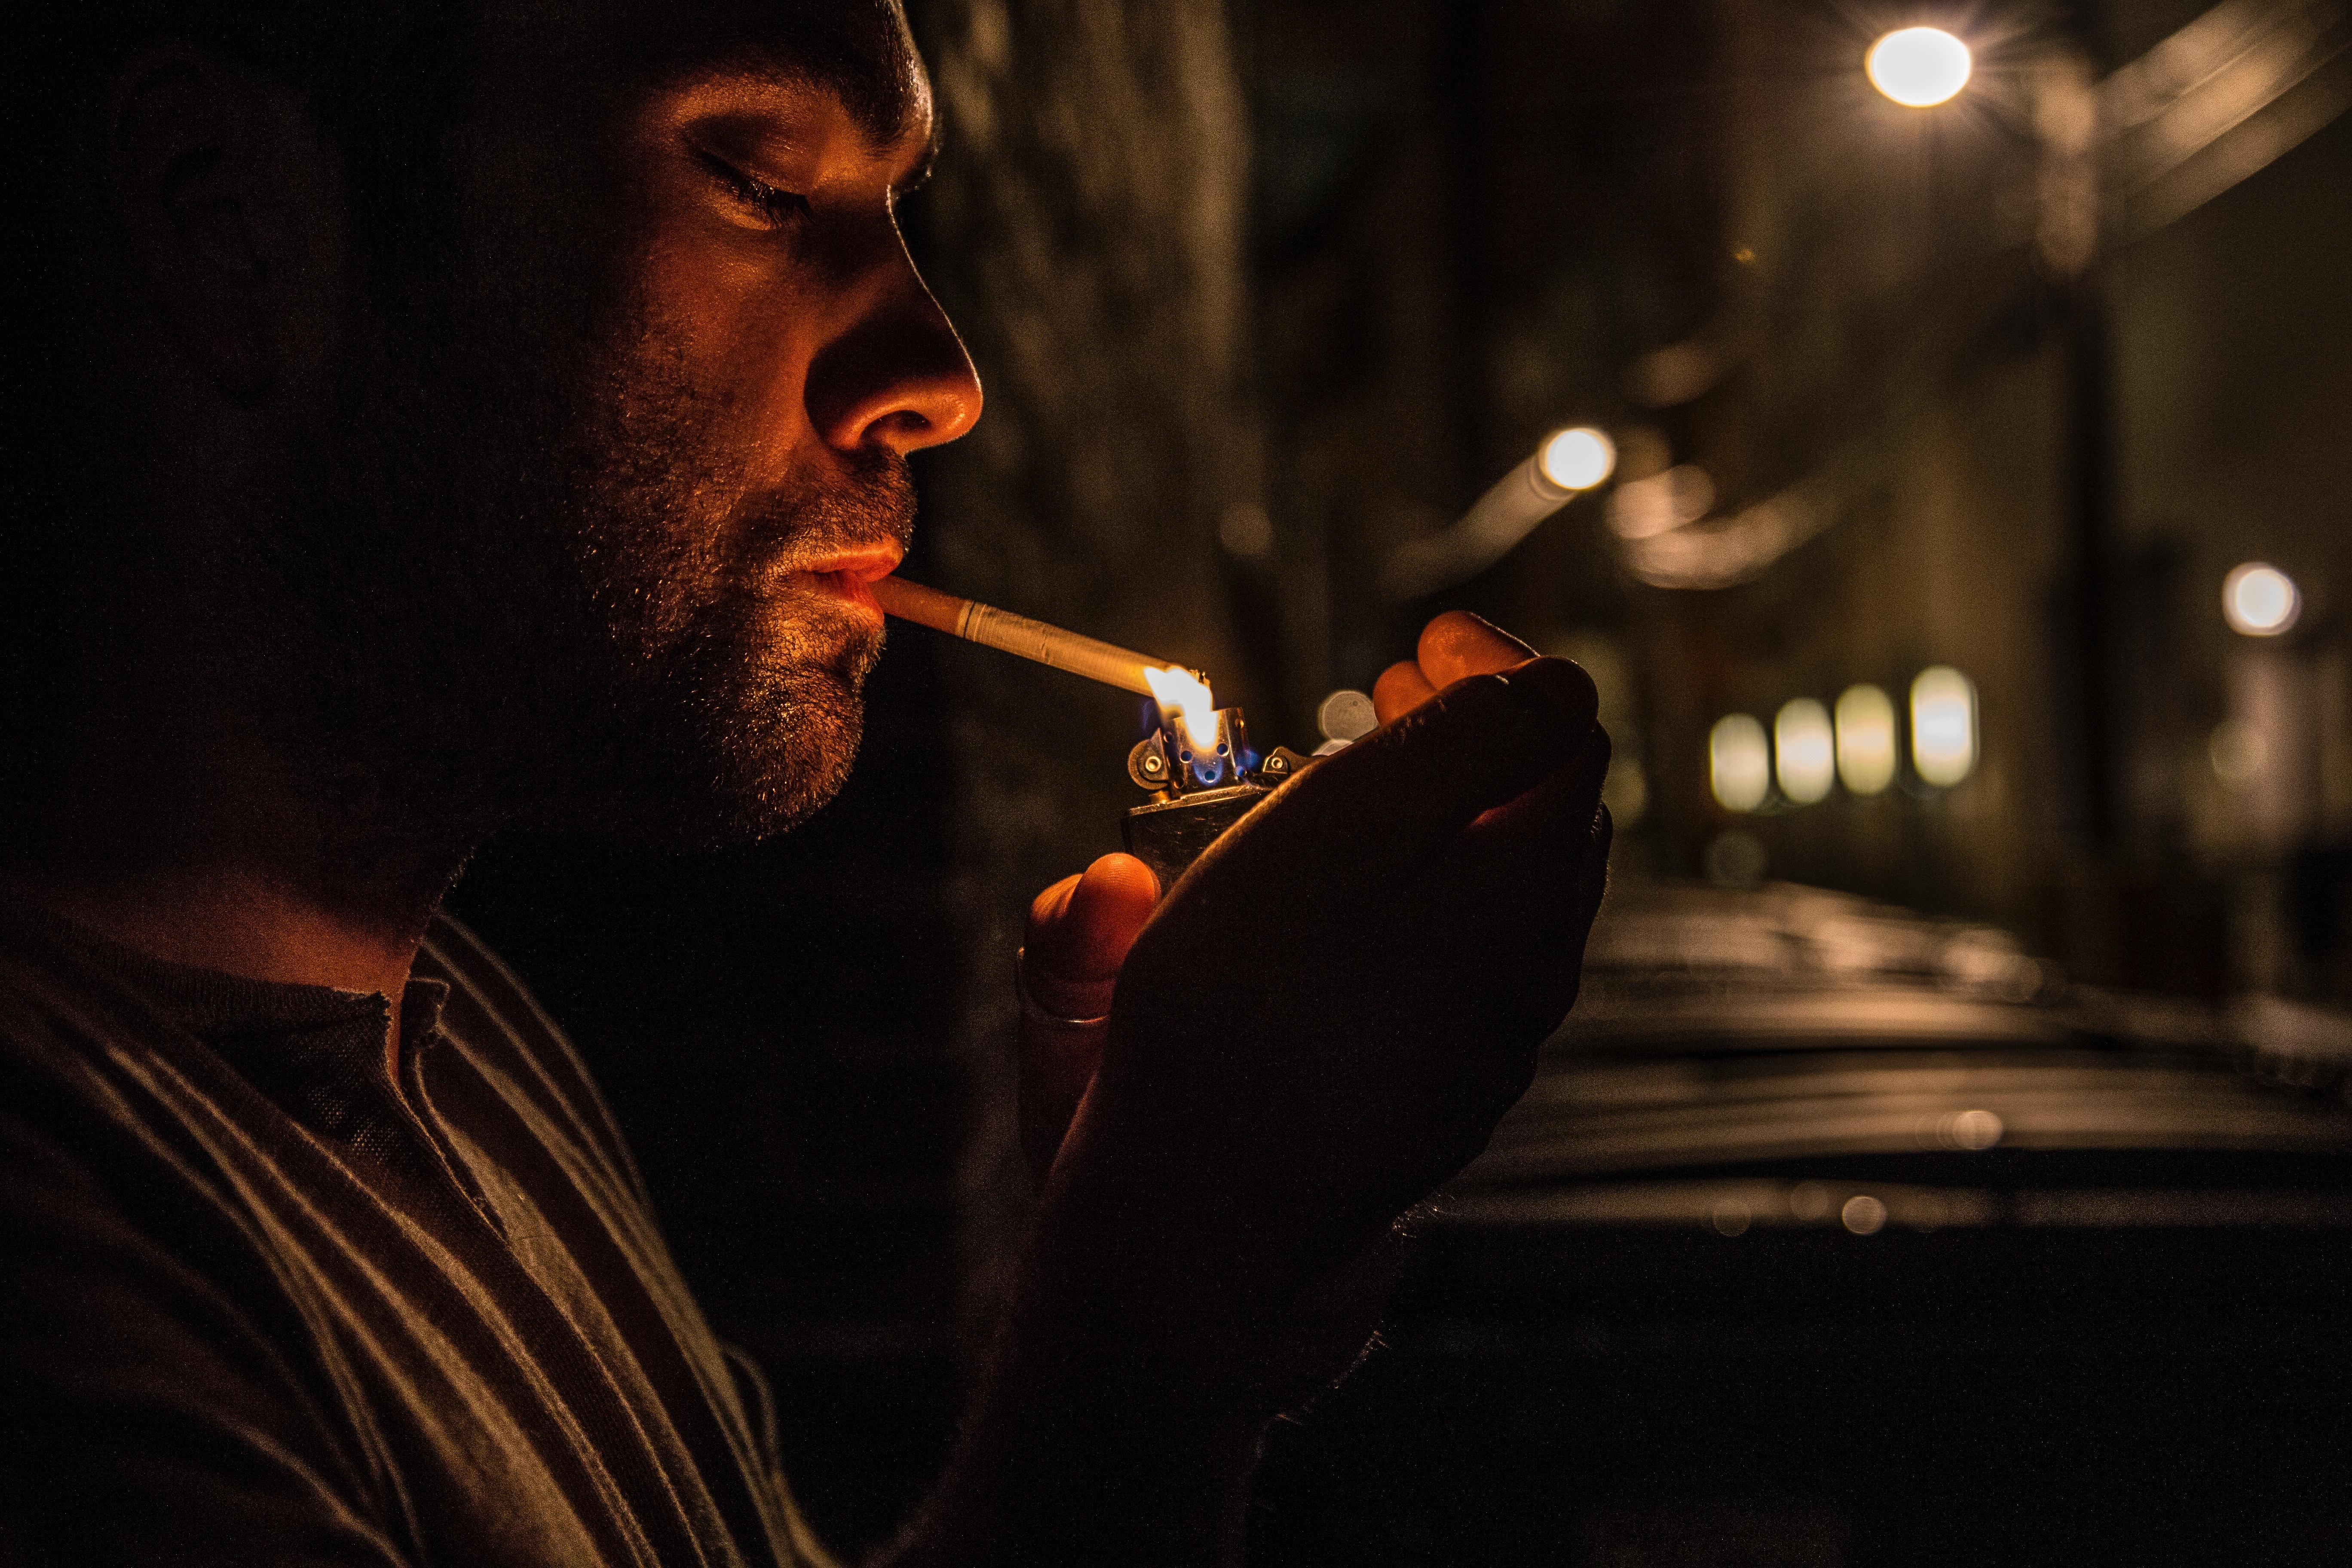 так парень курит фото картинка представляет